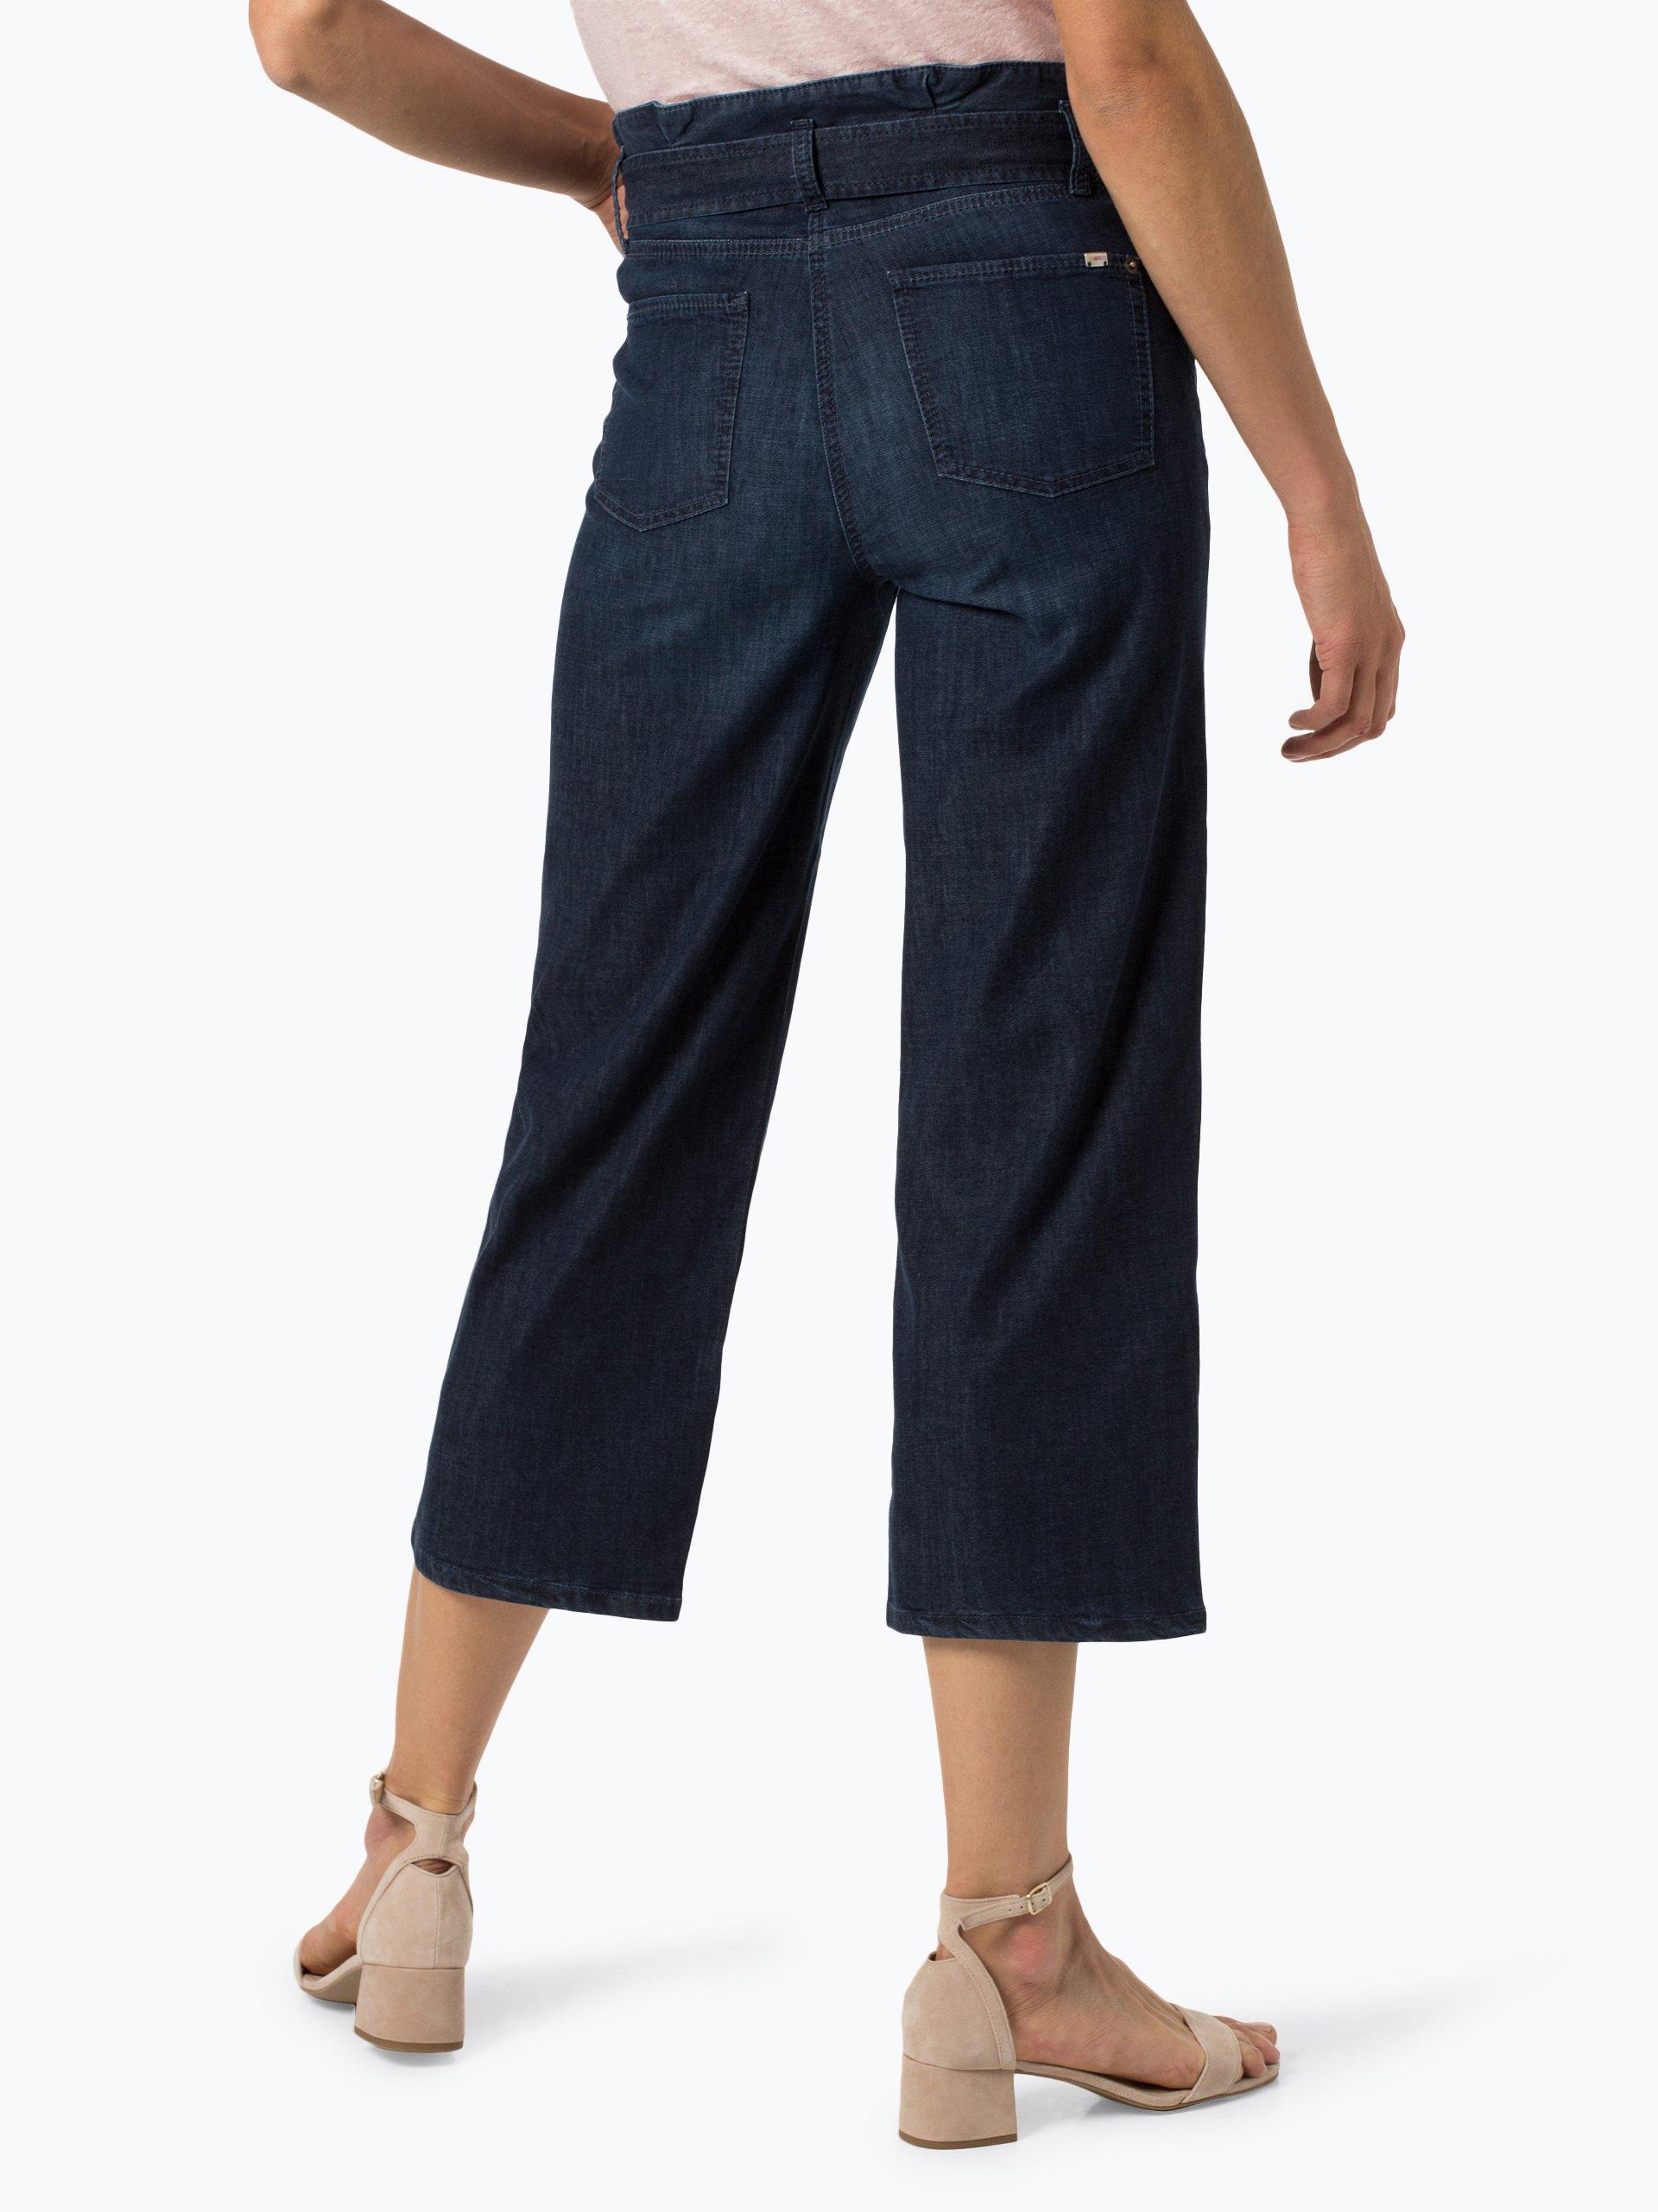 Cambio Damen Jeans - Philine